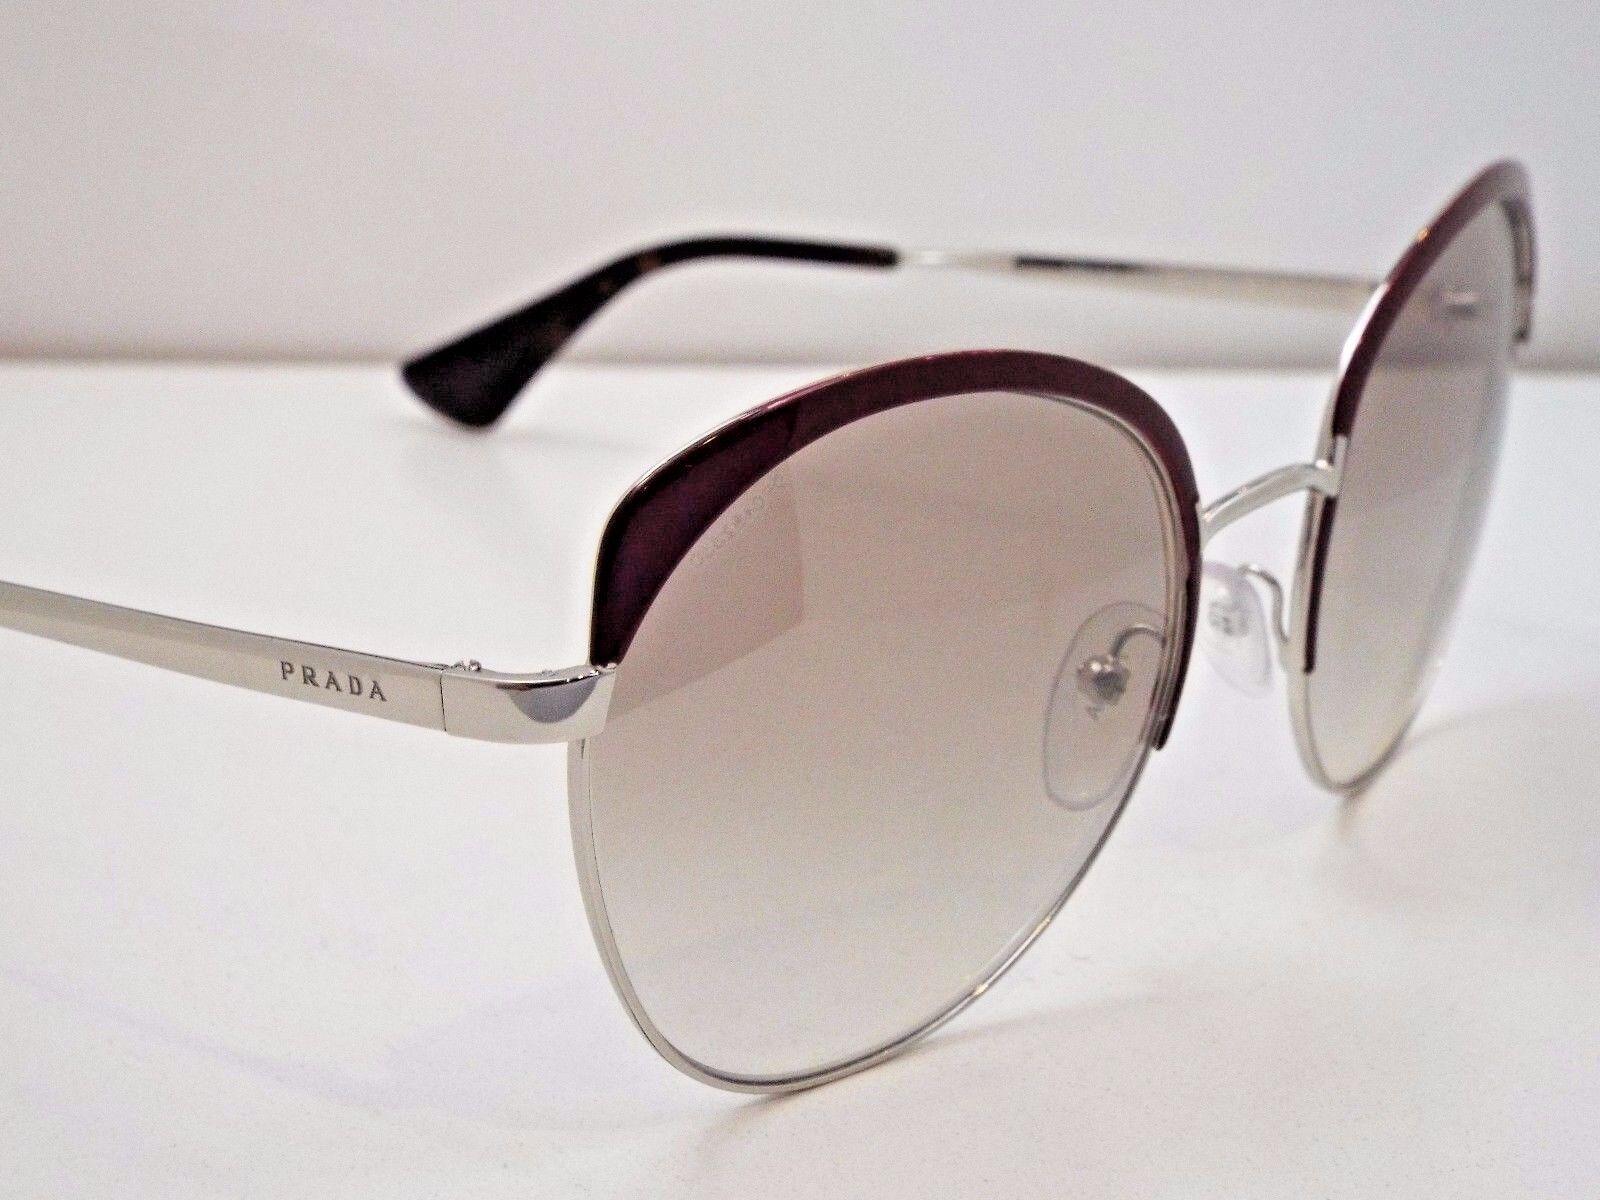 Authentic PRADA SPR54S UF6-4O0 Amaranth Silver Brown Mirror Sunglasses